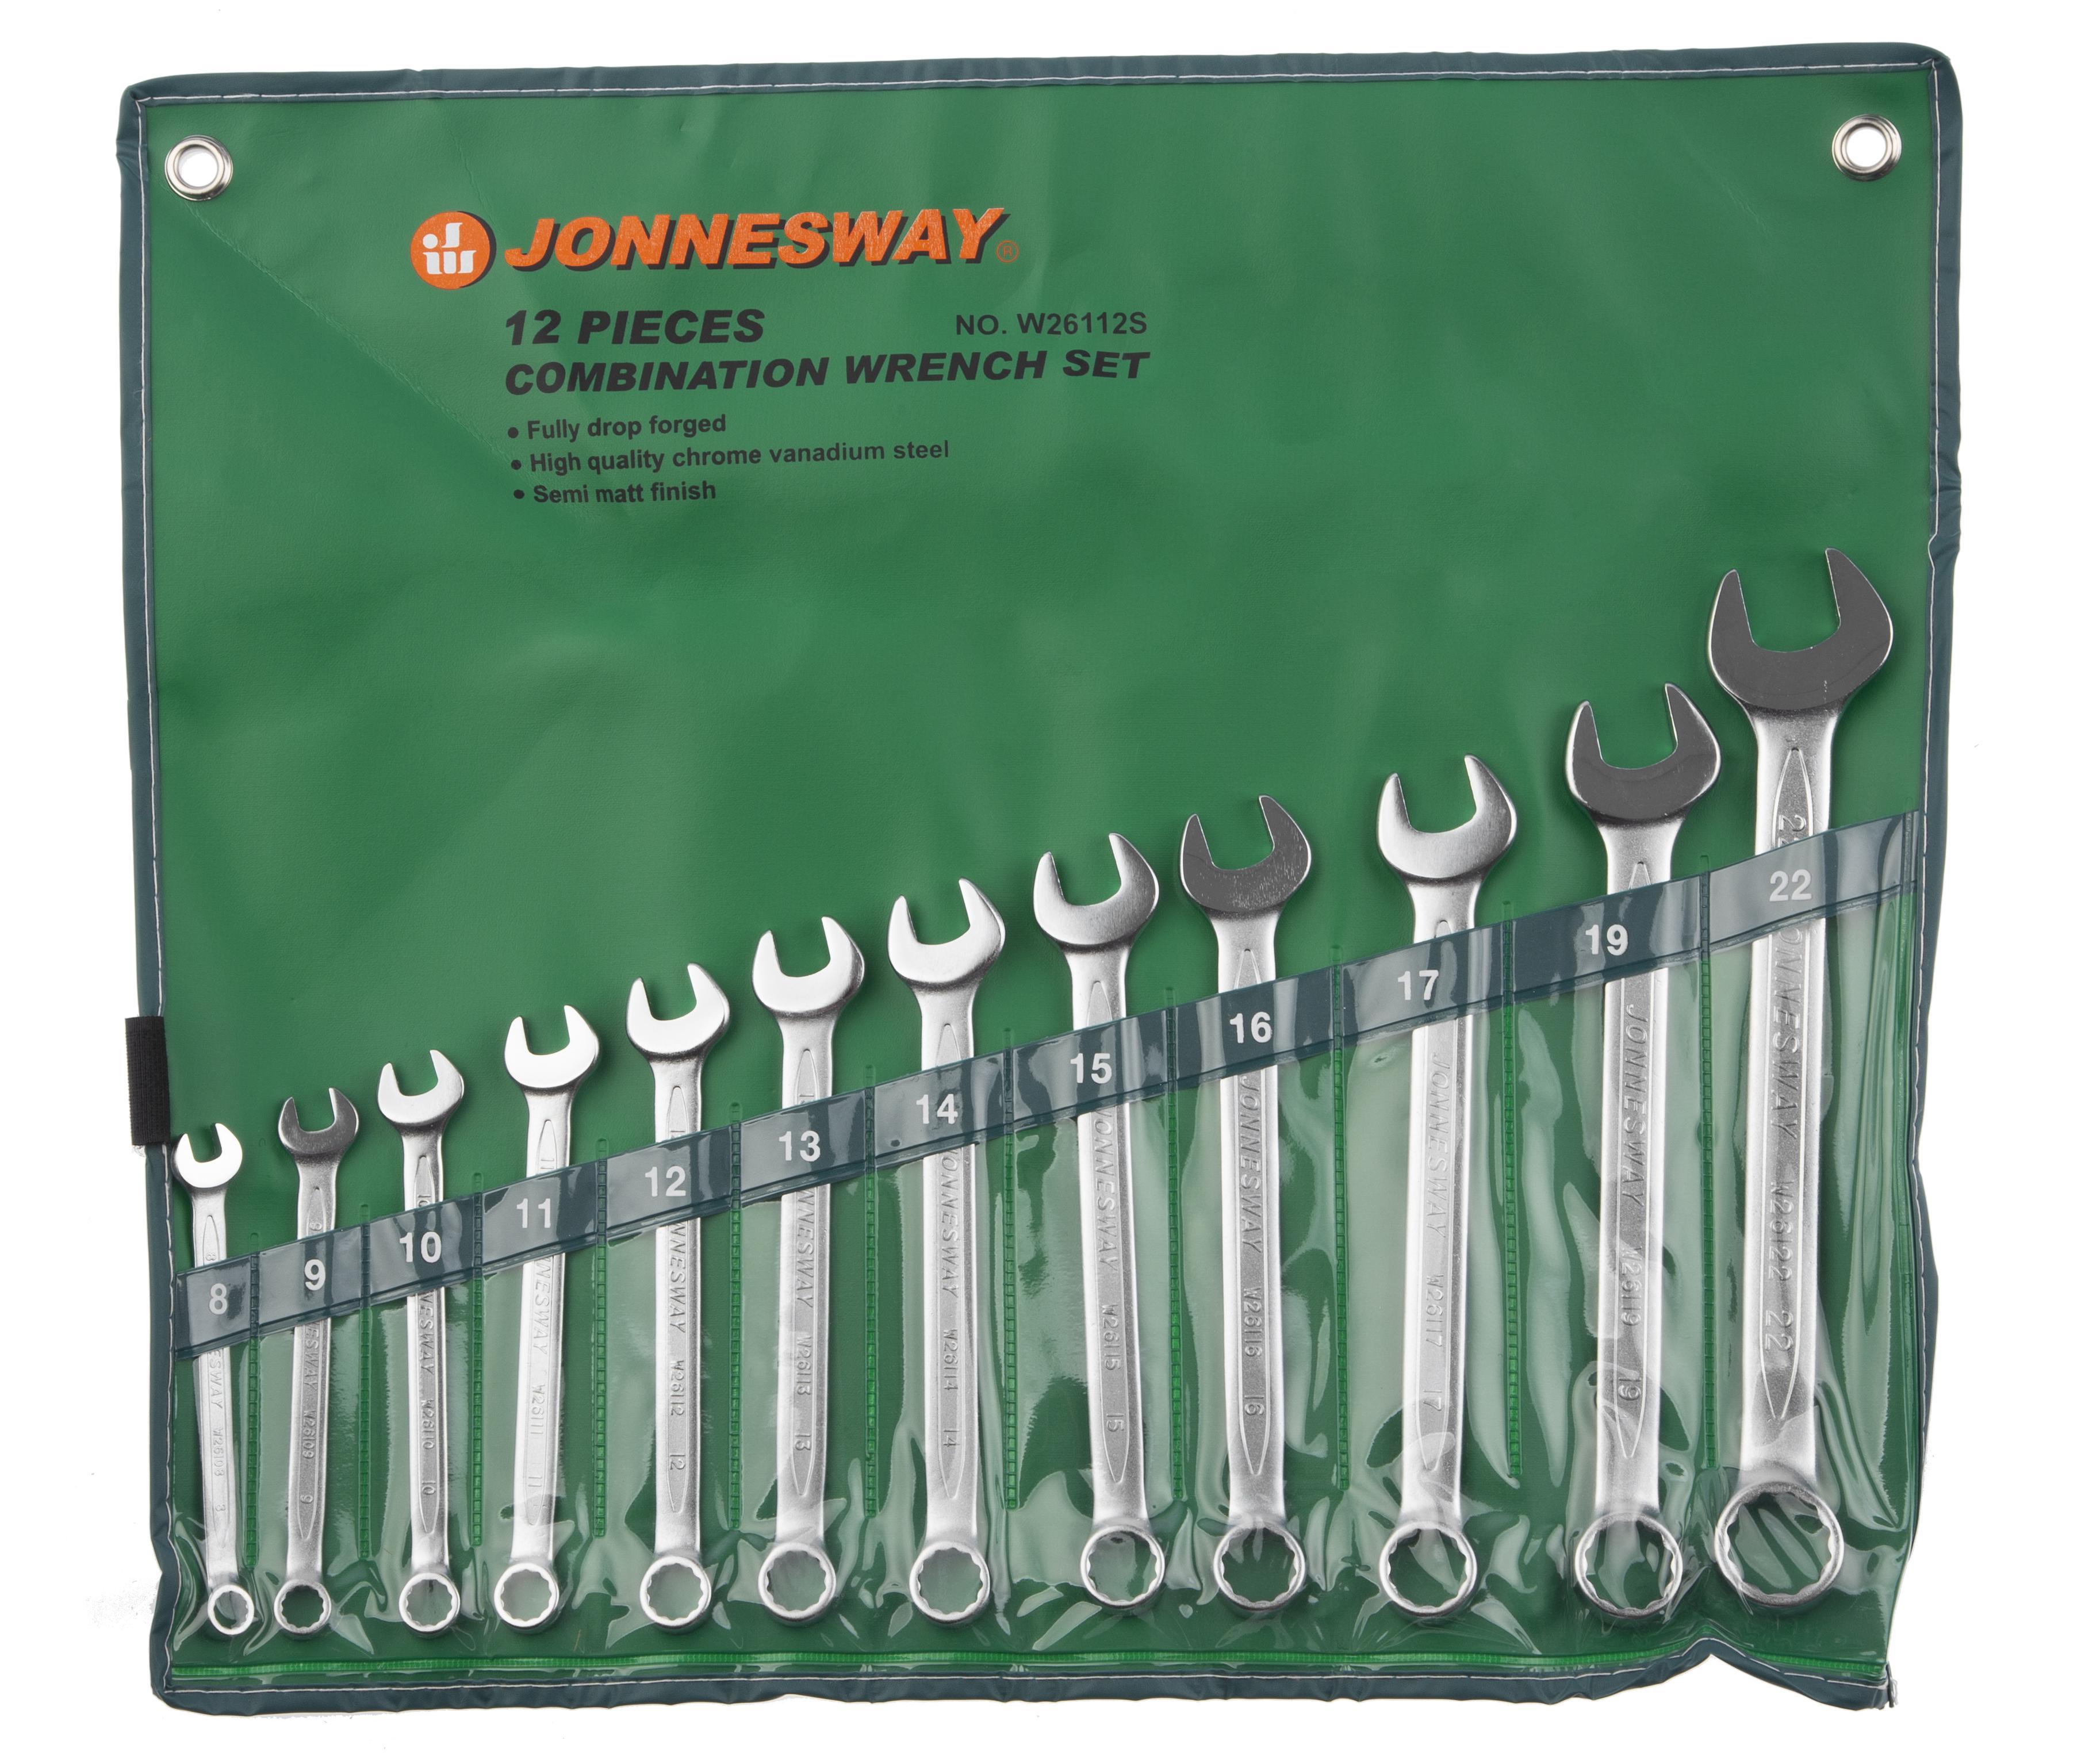 Набор комбинированных гаечных ключей в чехле, 12 шт. Jonnesway W26112s (8 - 22 мм) набор комбинированных гаечных ключей 12 шт курс 63418 6 22 мм